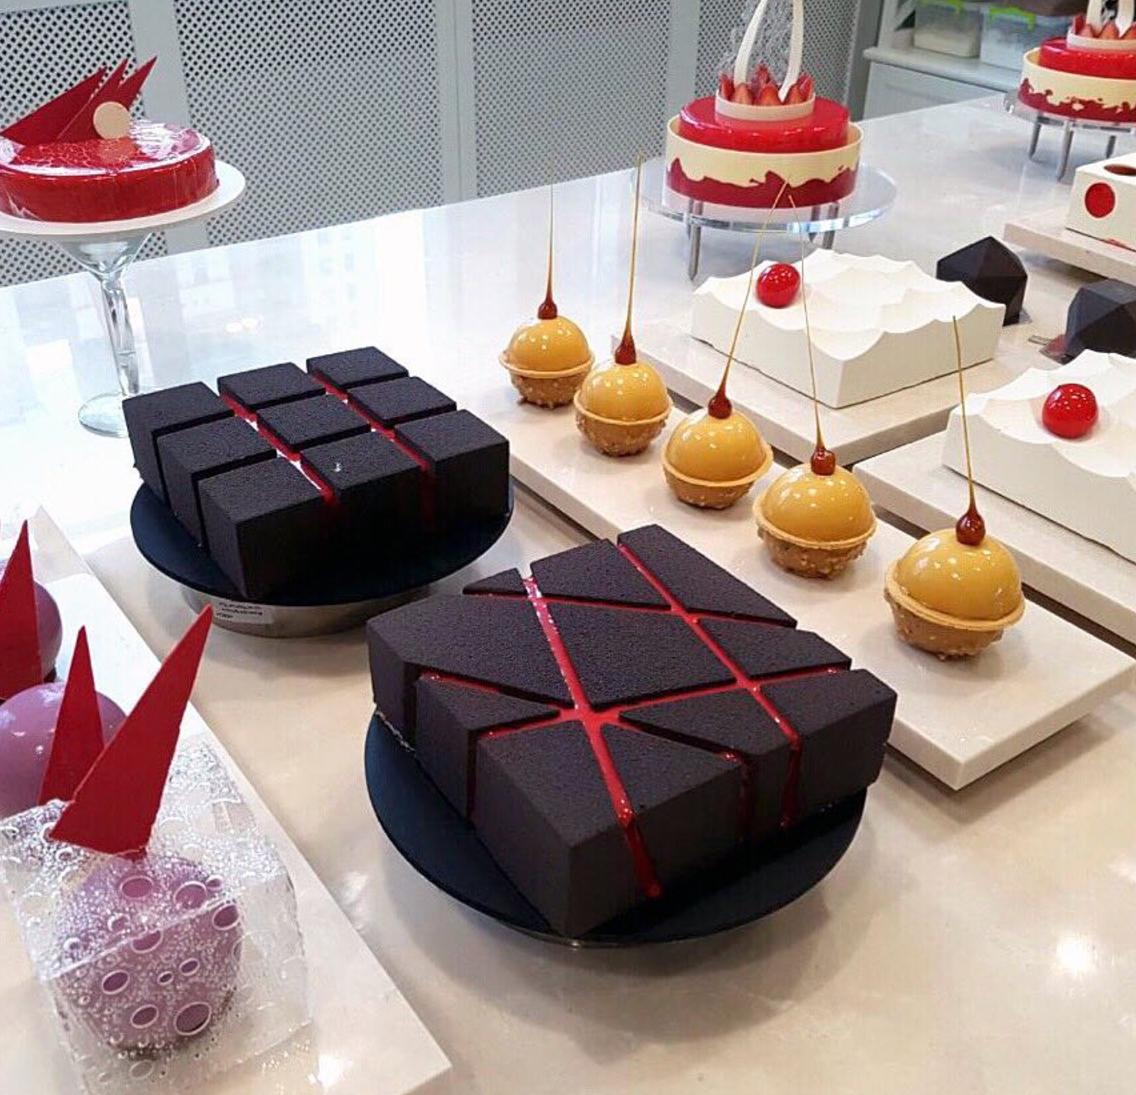 Descubre la nueva pastelería arquitectónica ¡Impresionante y deliciosa!